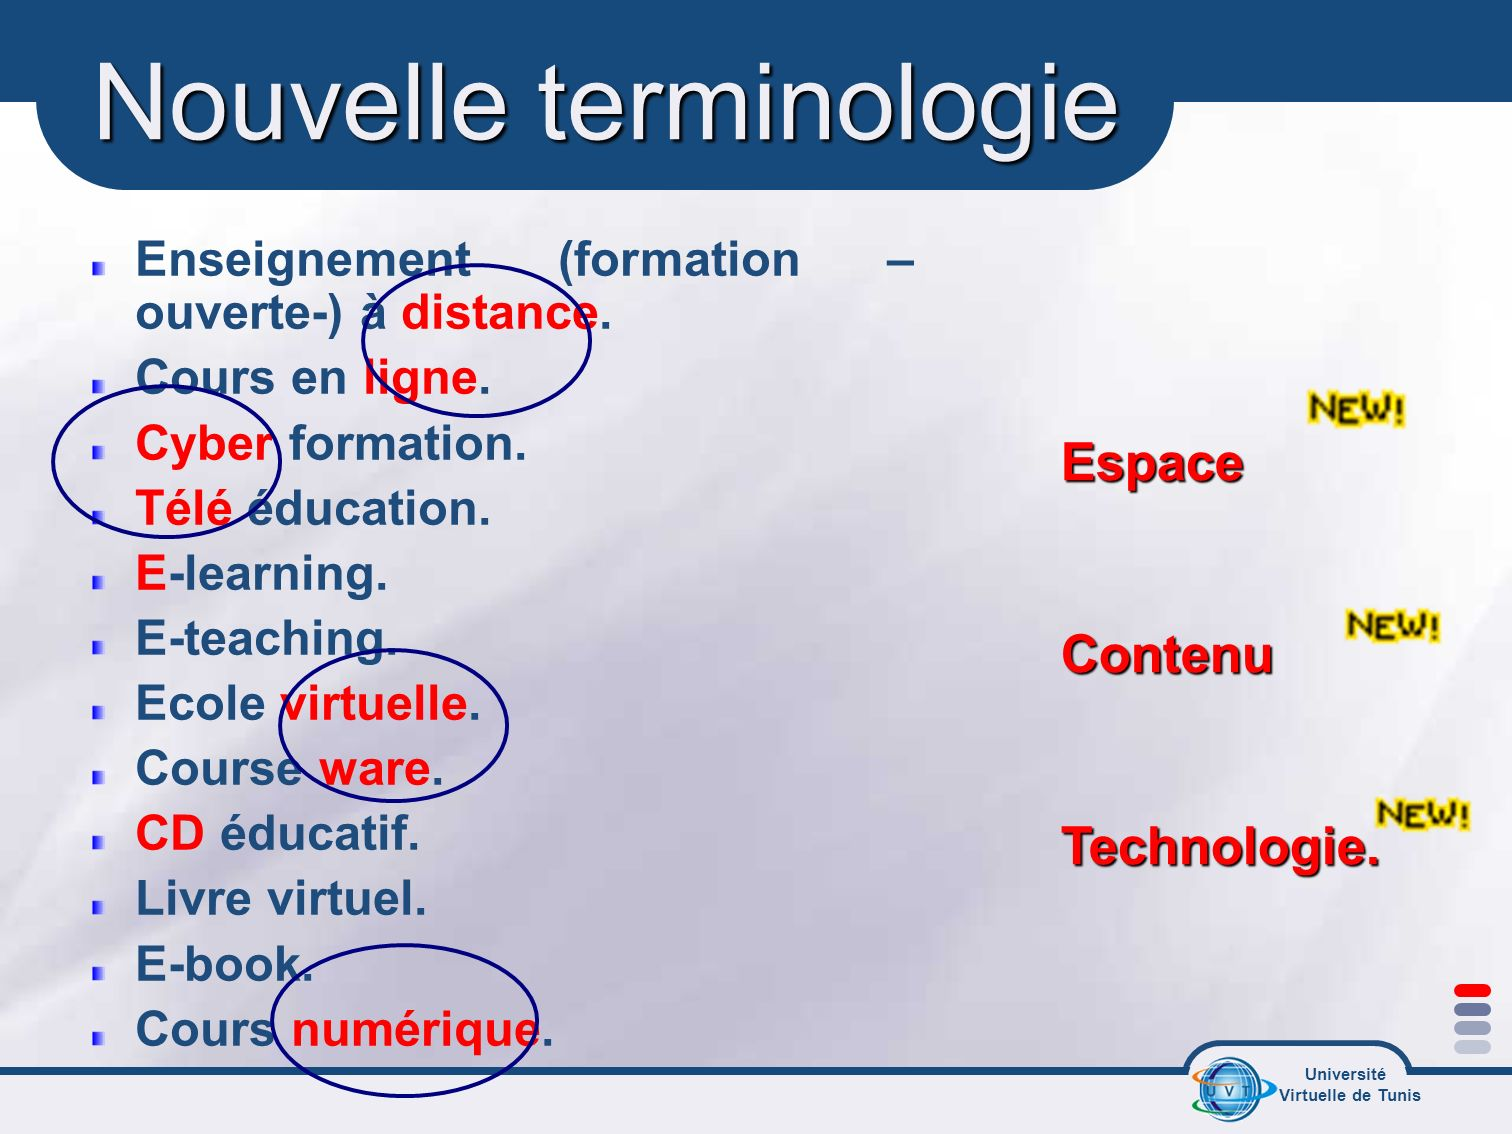 Université Virtuelle de Tunis Nouvelle terminologie Enseignement (formation – ouverte-) à distance. Cours en ligne. Cyber formation. Télé éducation. E